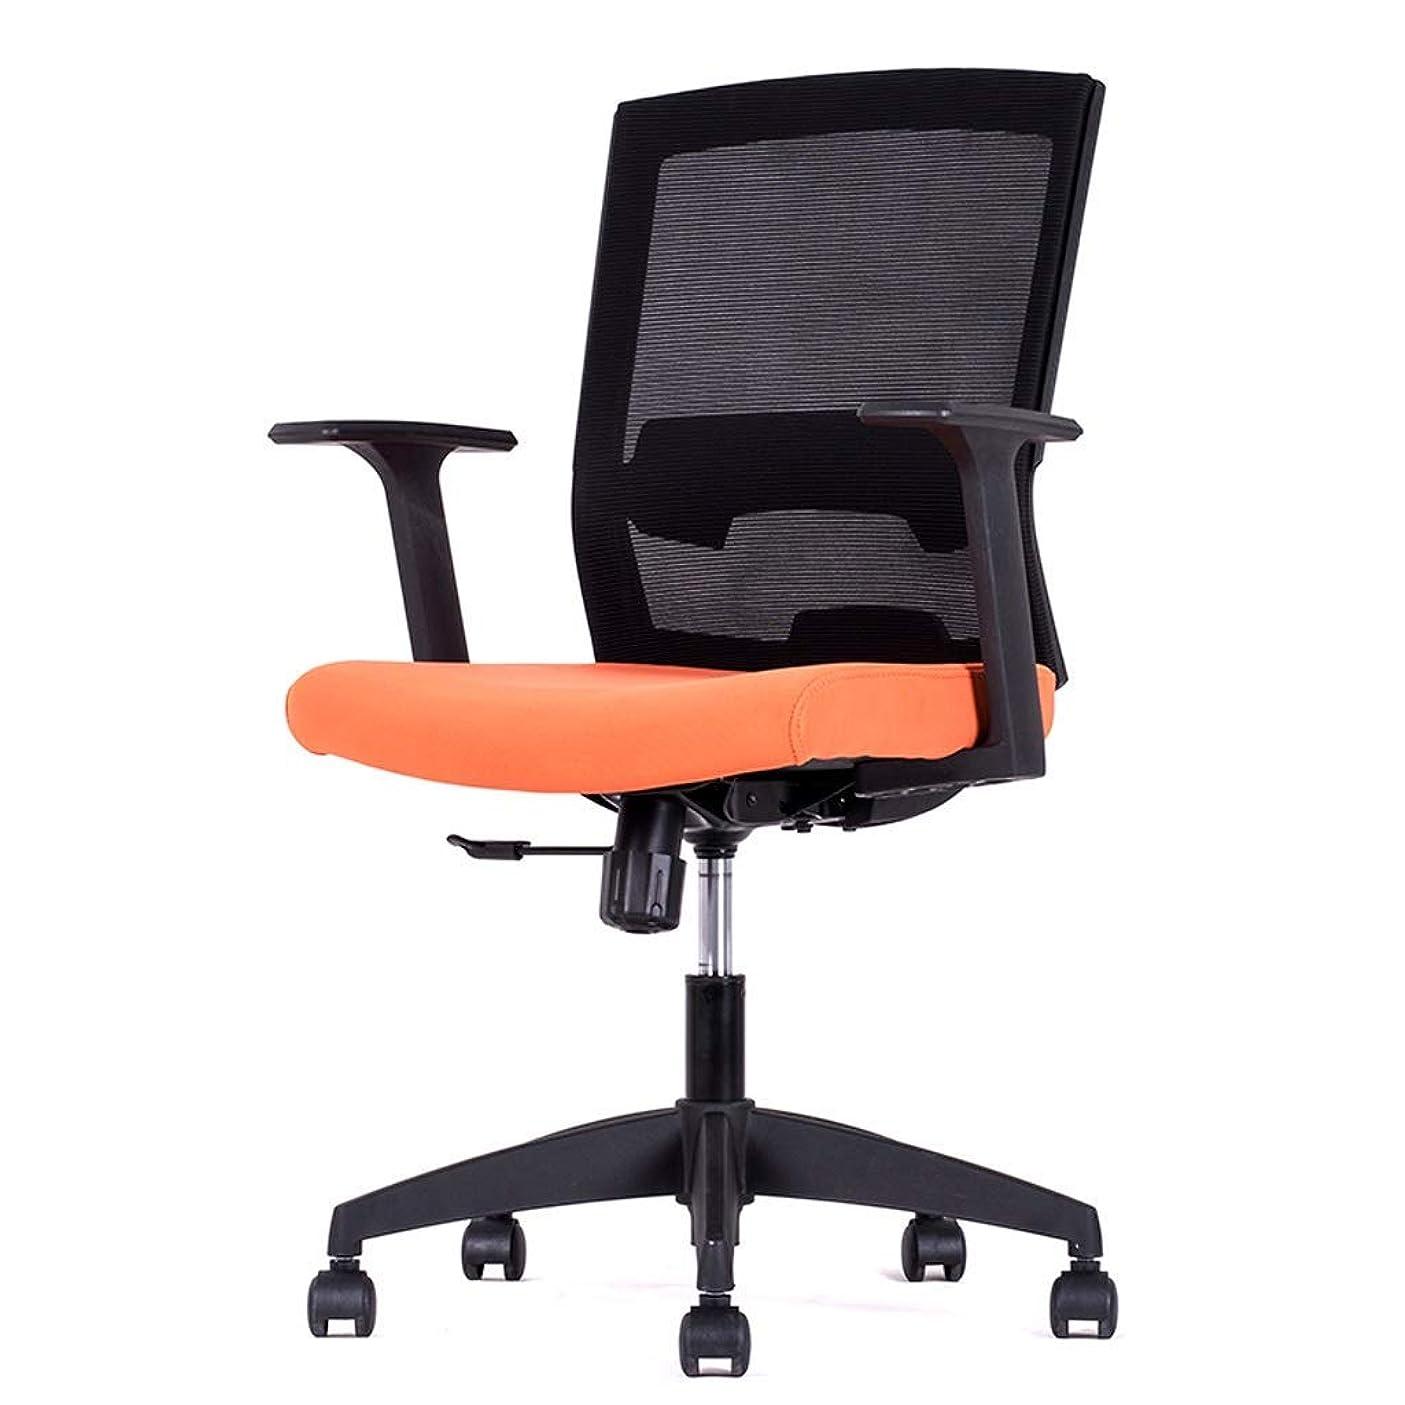 データムあいさつ阻害するCHHDオフィスチェア、オフィスチェア回転チェアデスクチェアコンピュータチェアEスポーツチェアボスチェアエルゴノミクスホームリフティング(色:オレンジ)